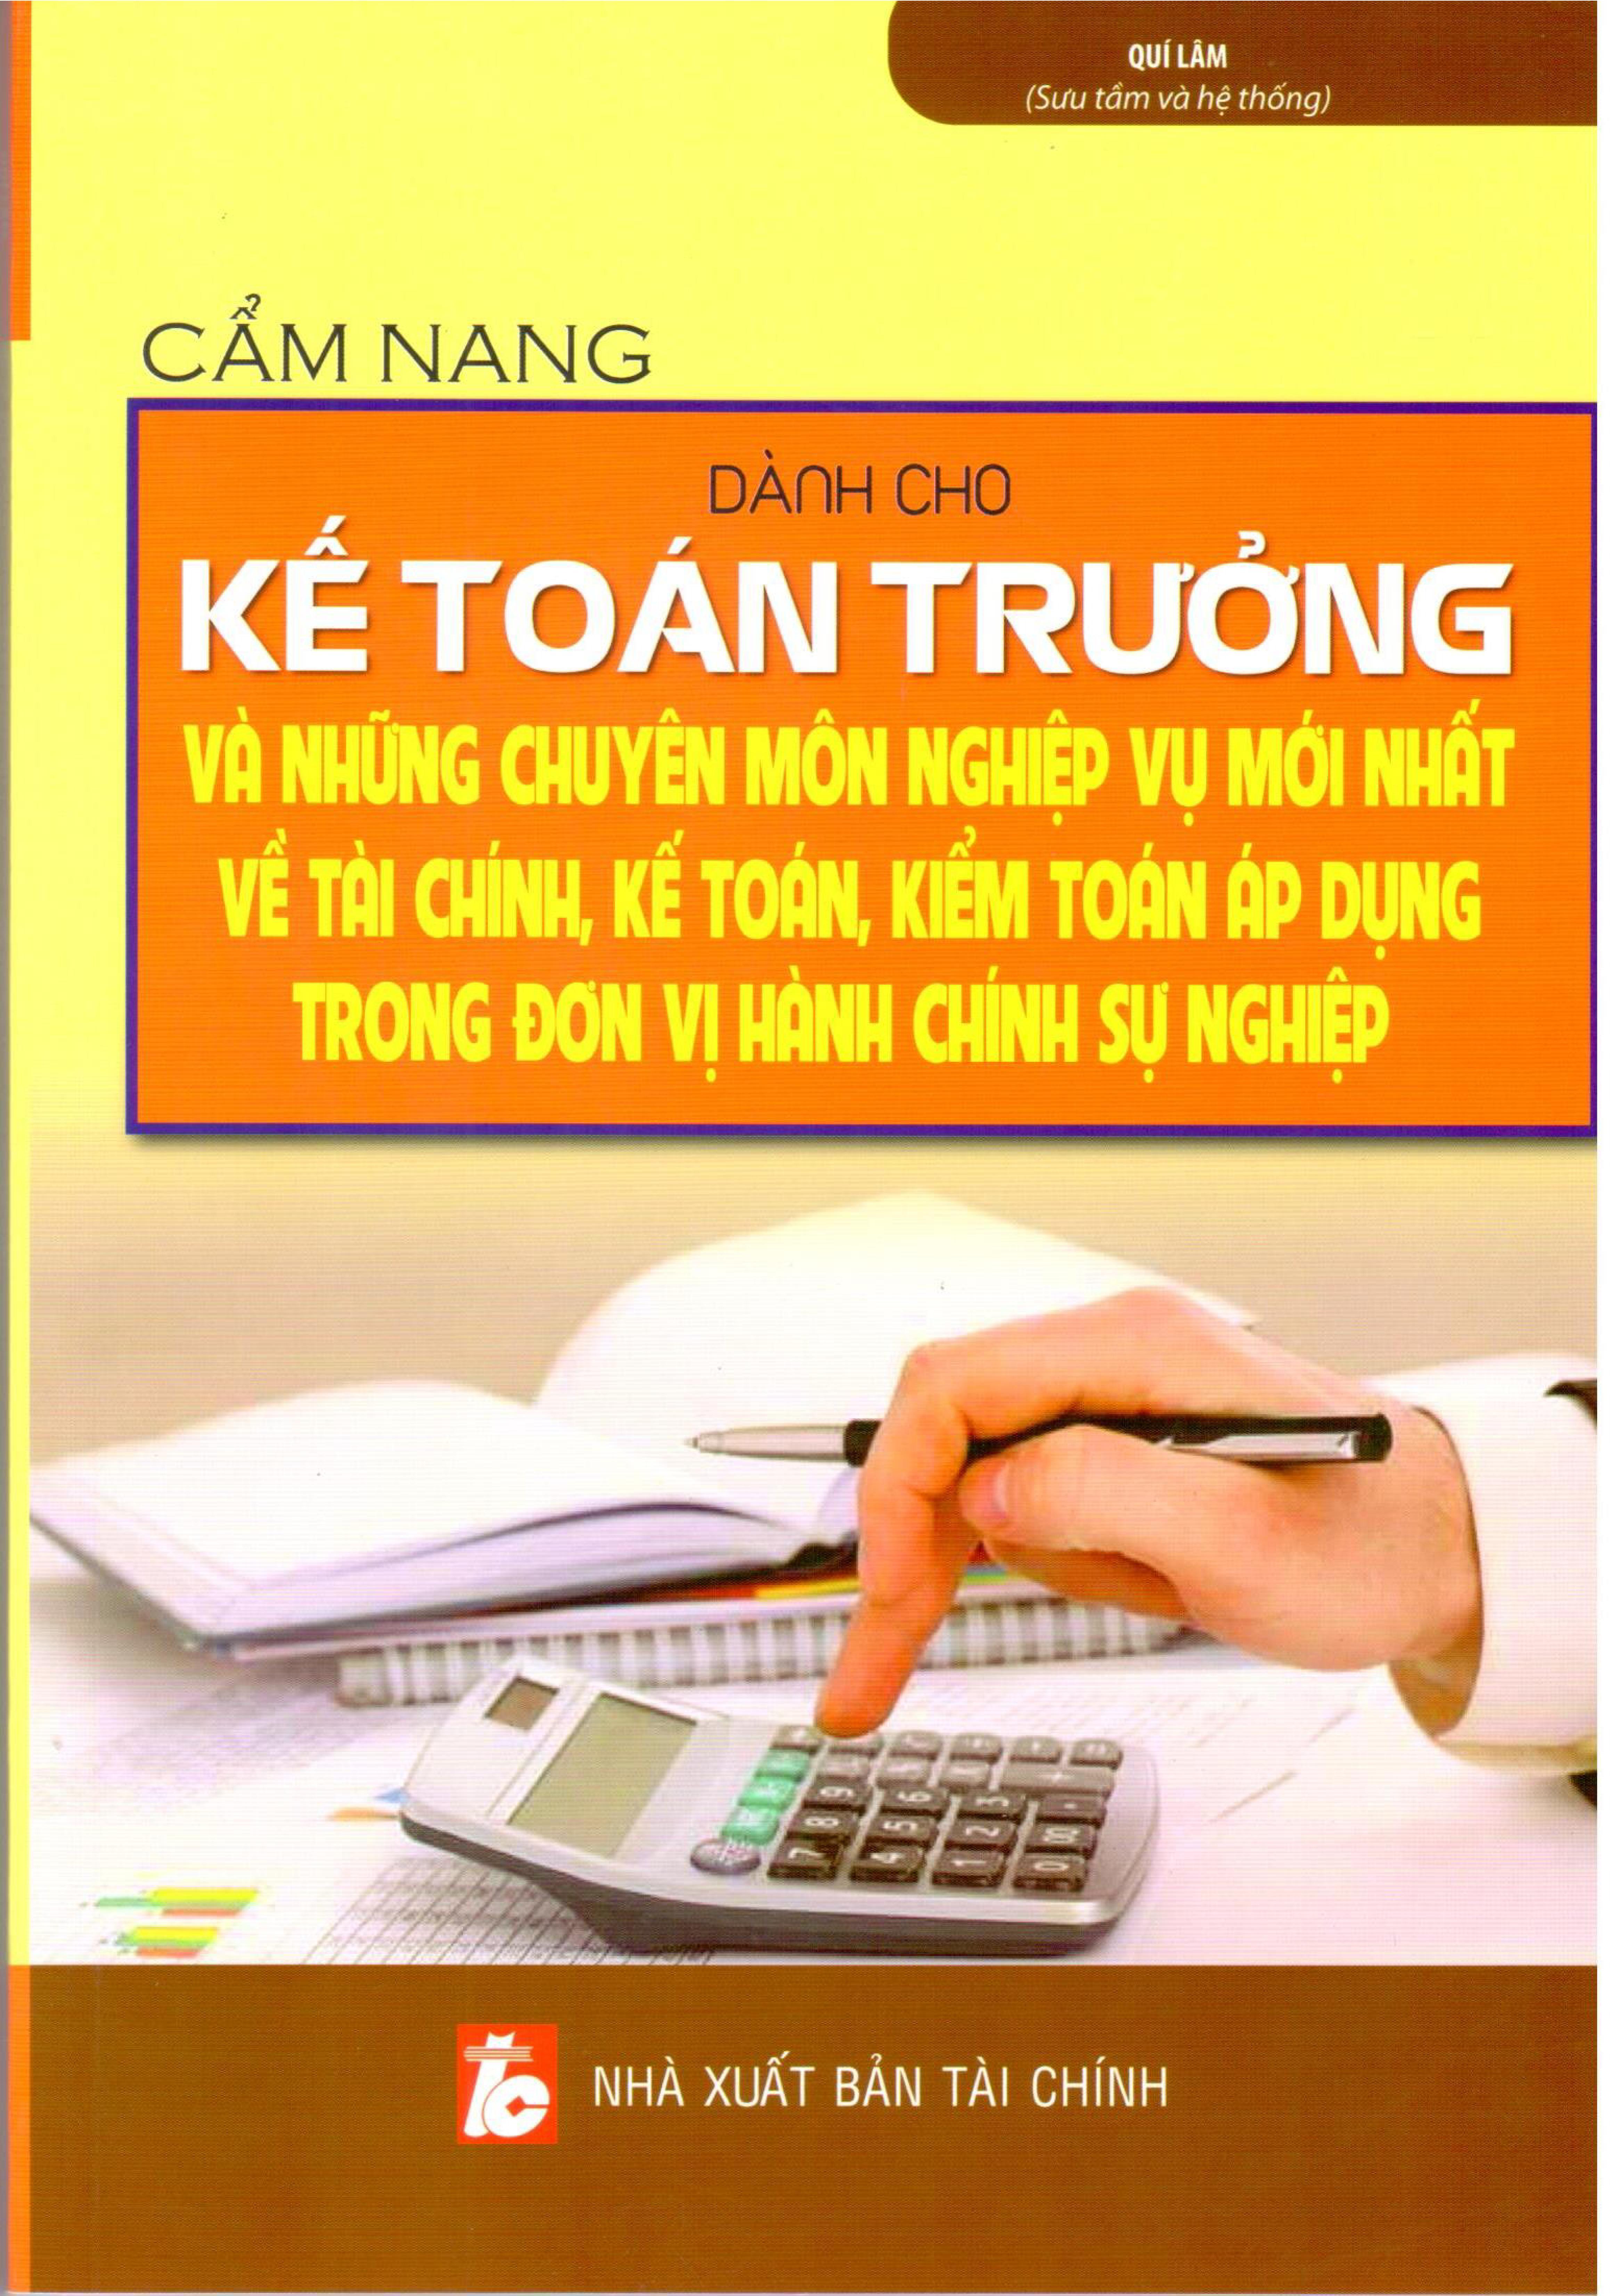 Cẩm Nang Dành Cho Kế Toán Trưởng Đơn Vị Hành Chính Sự Nghiệp